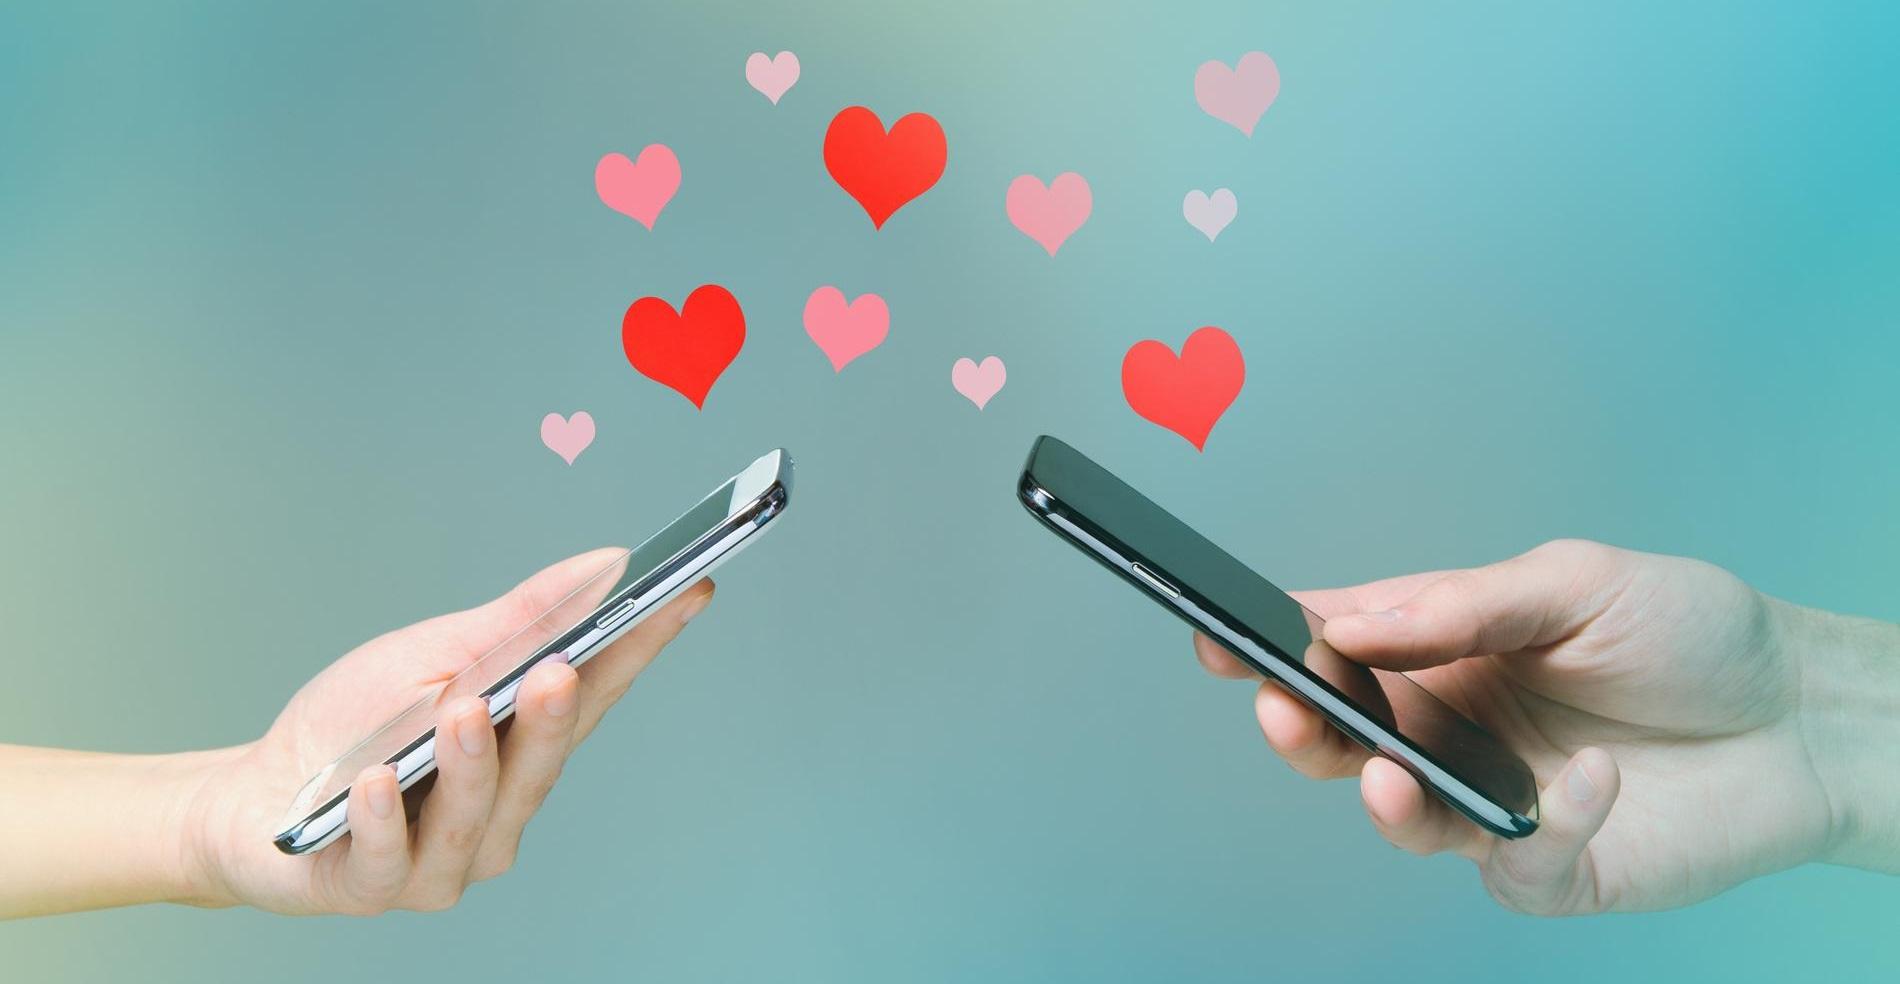 Réservation en ligne et usages mobiles : c'est le grand amour !